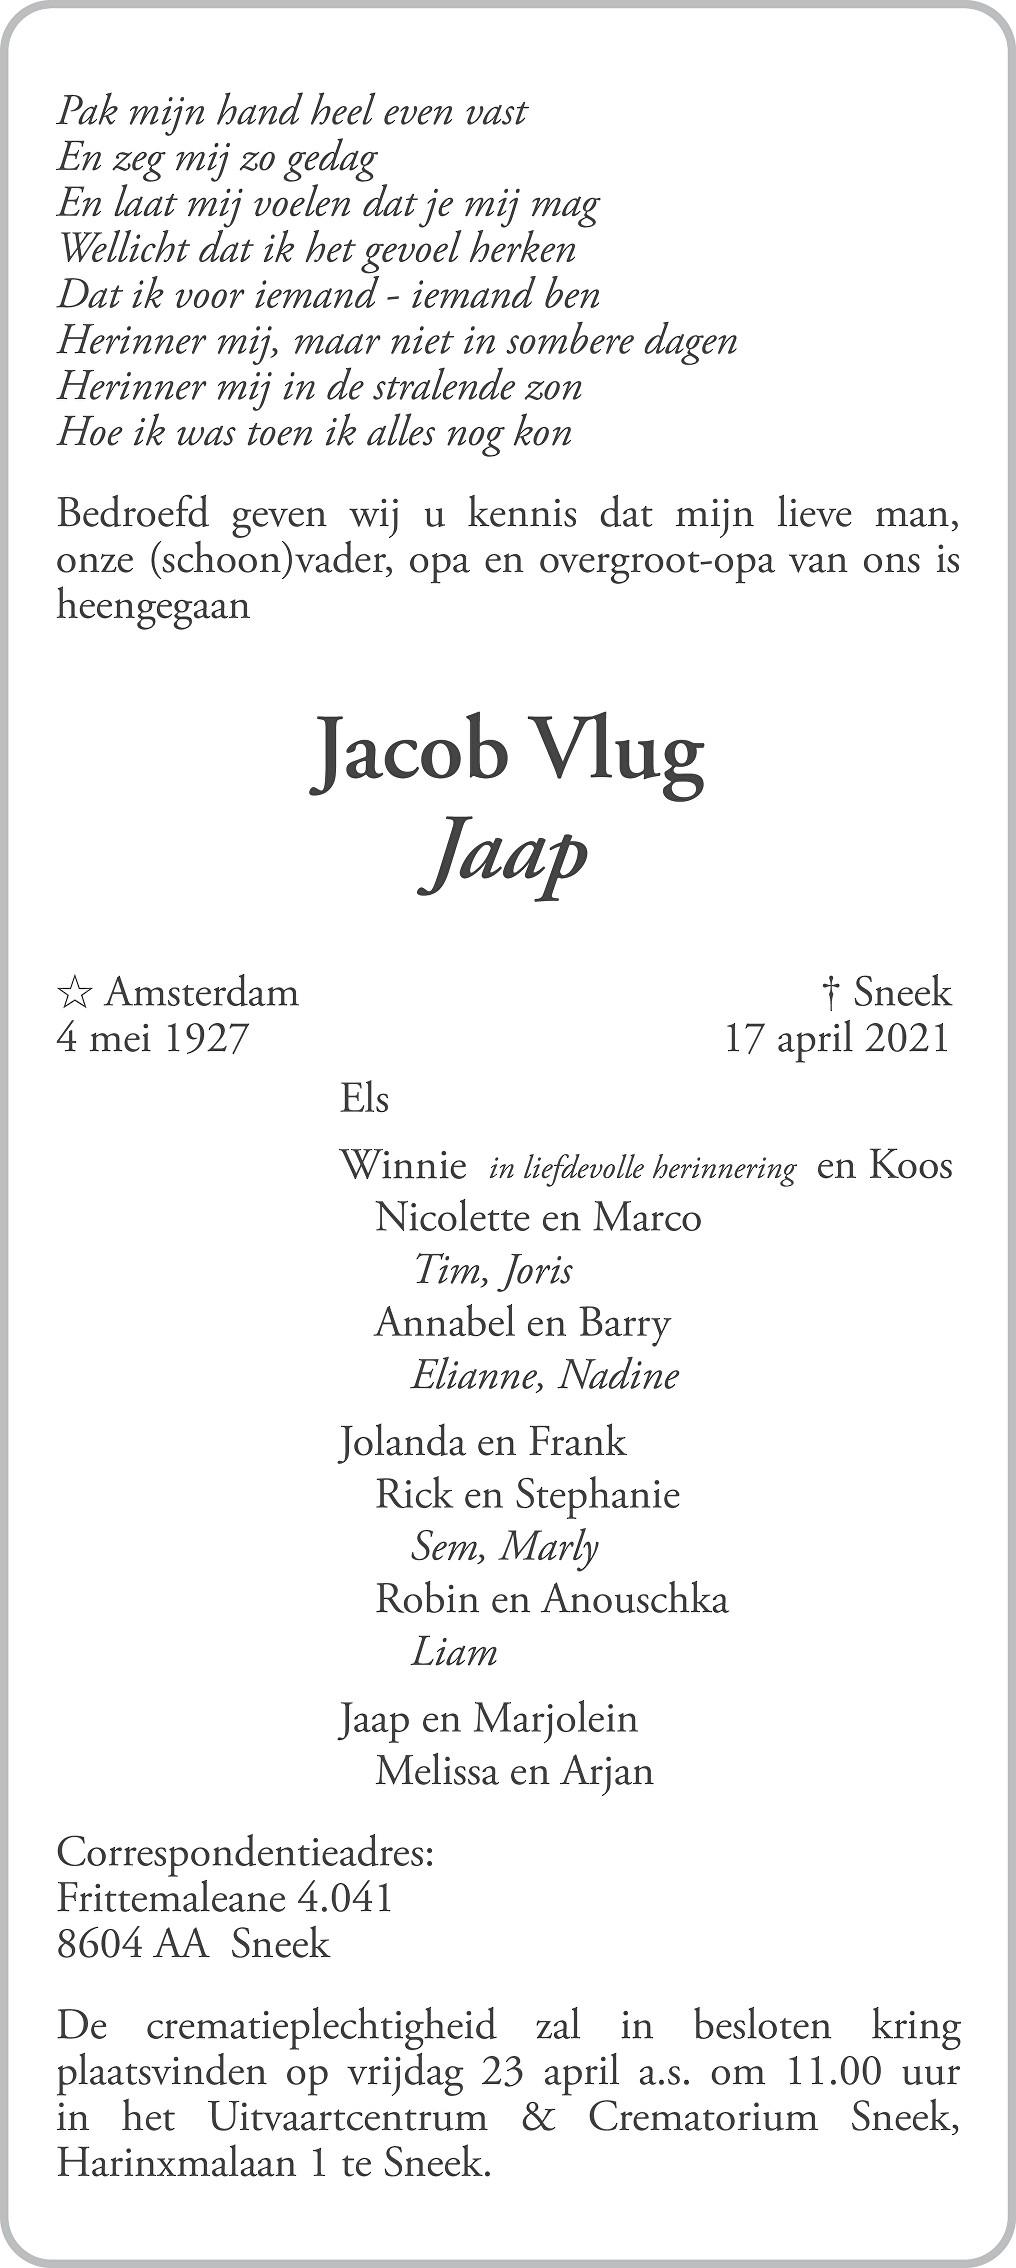 Jacob Vlug Death notice